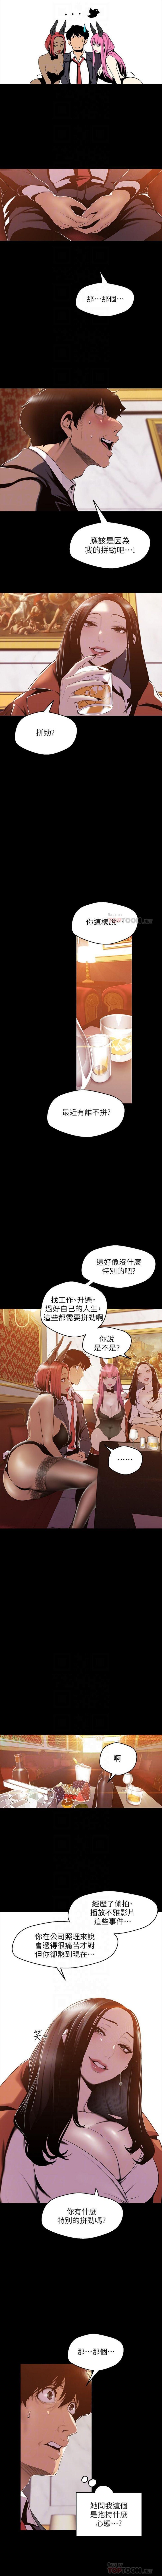 (週1)美麗新世界 1-70 中文翻譯 (更新中) 584